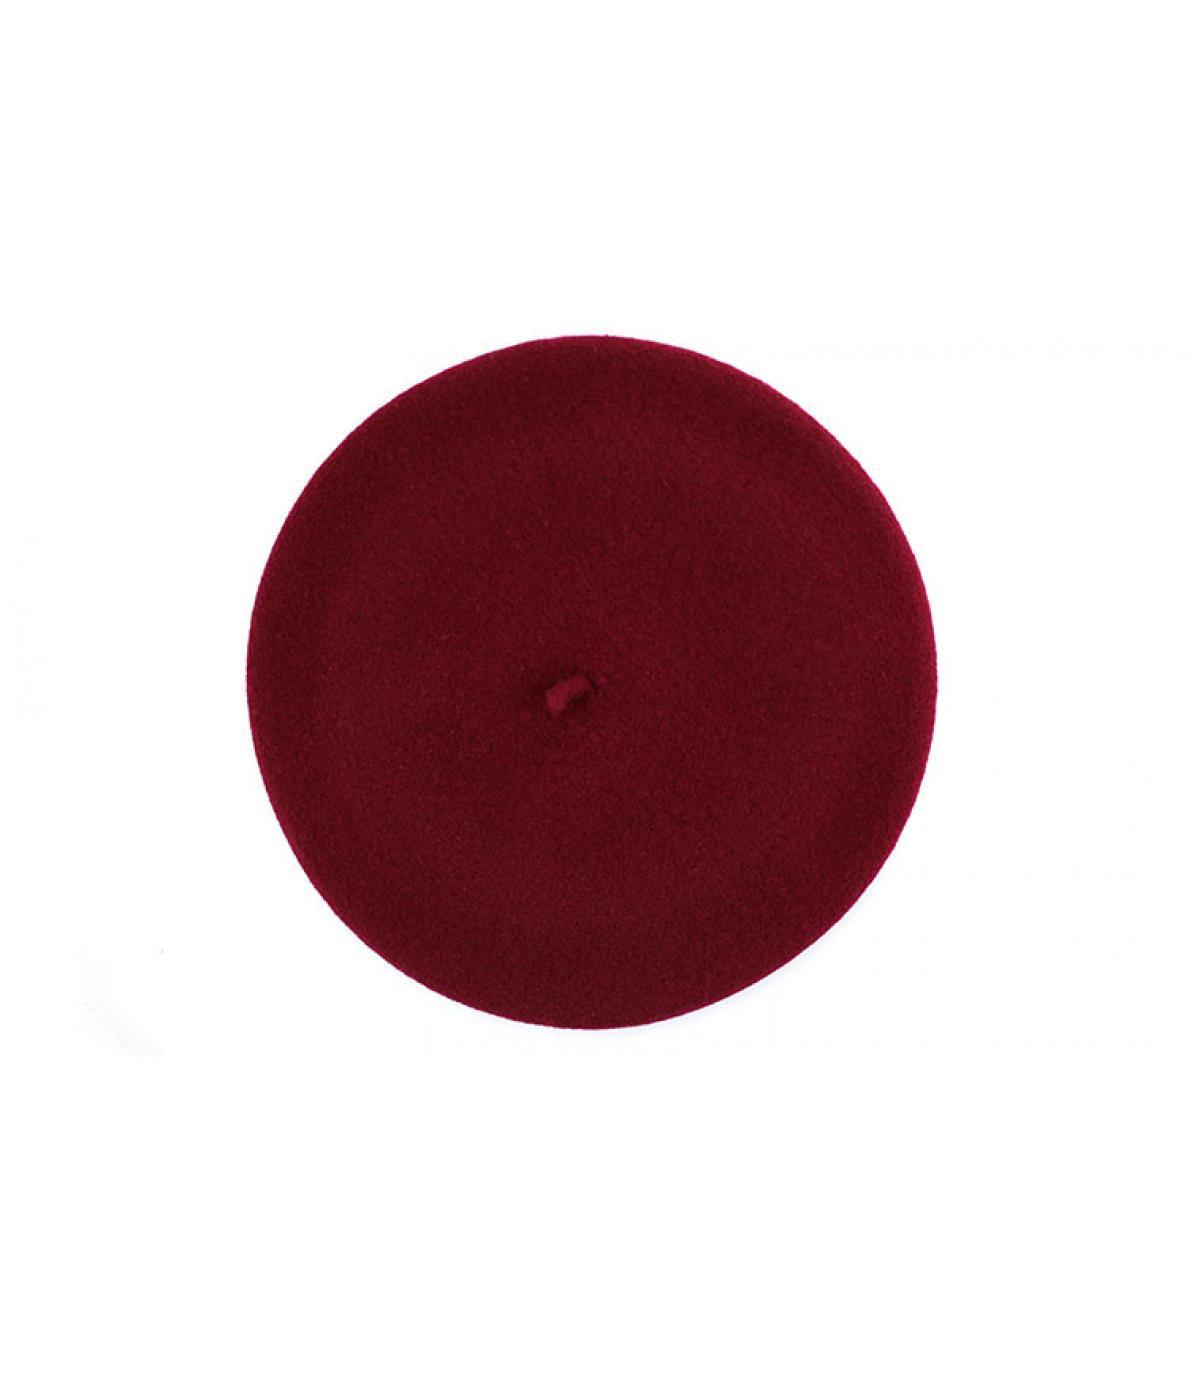 Béret rouge homme - L authentique bordeaux par Héritage par Laulhère ... bcfda318b1c